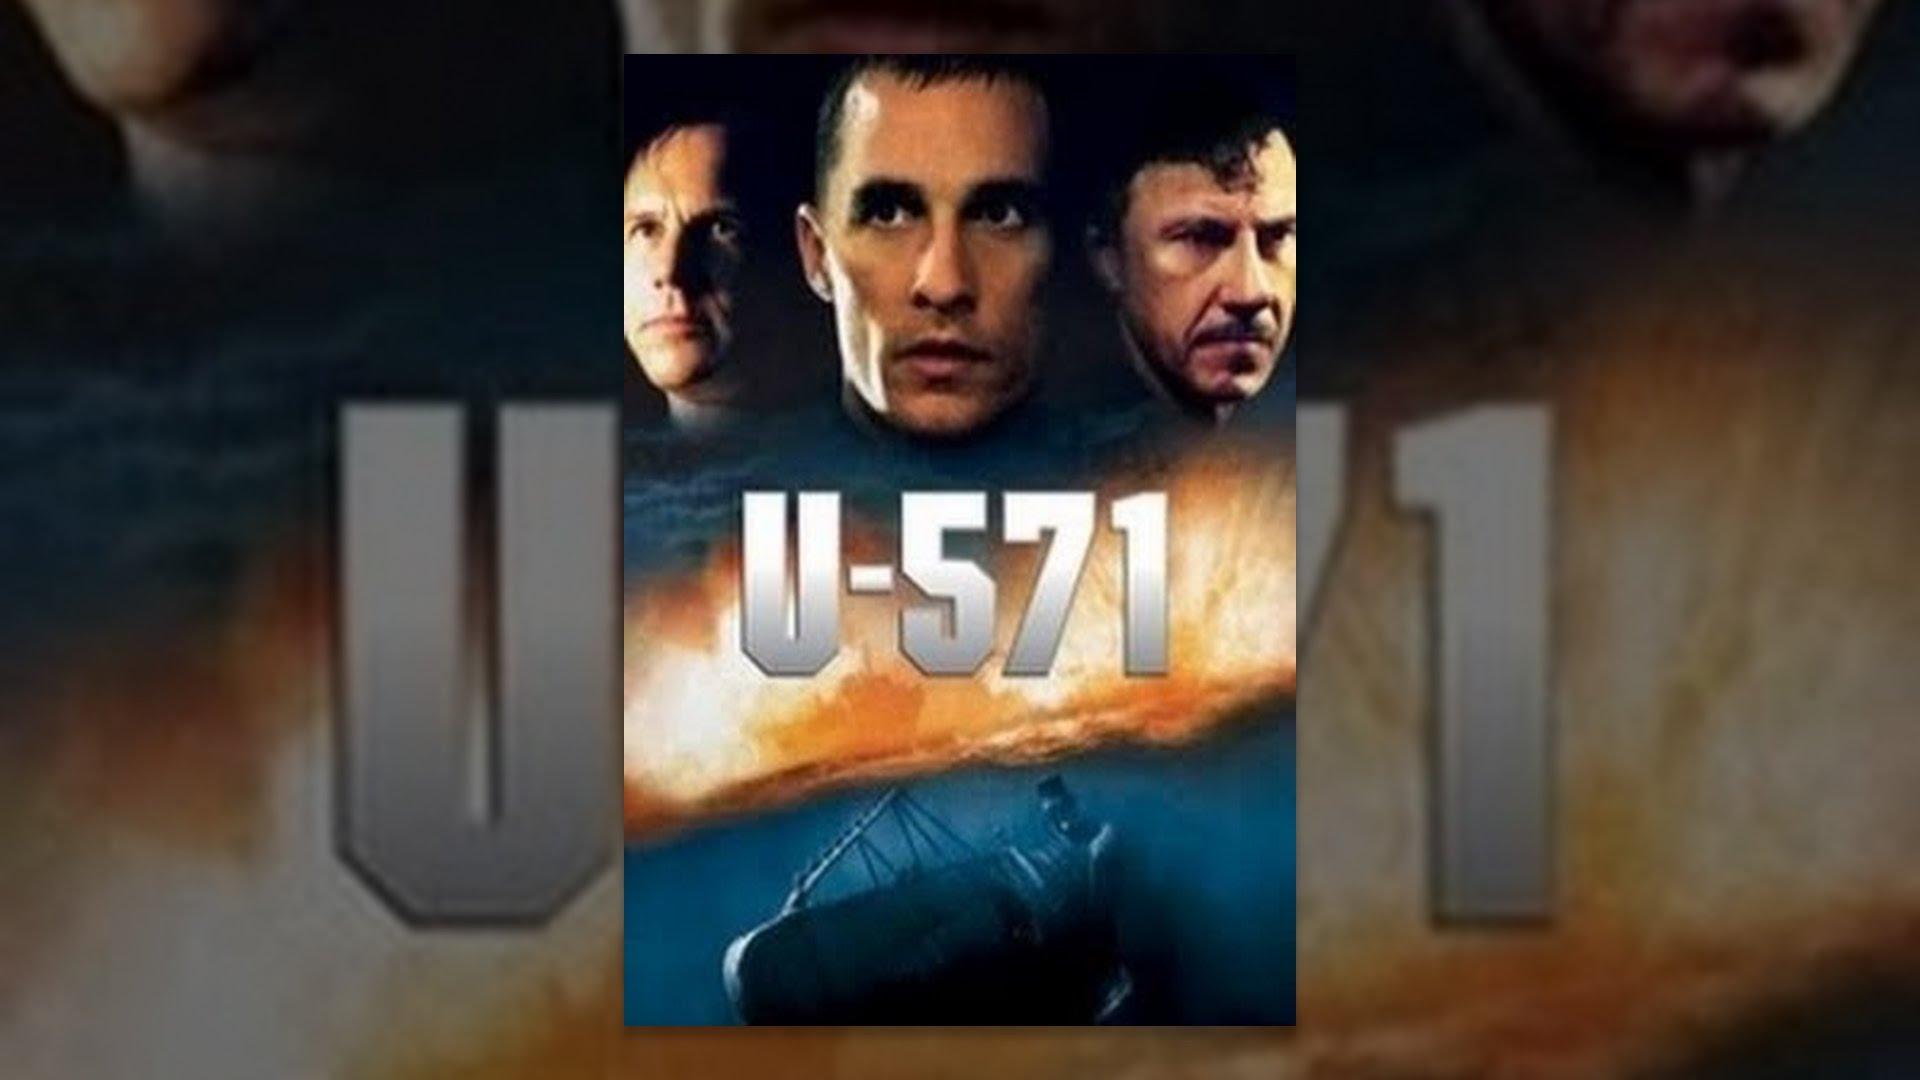 U 571 Film